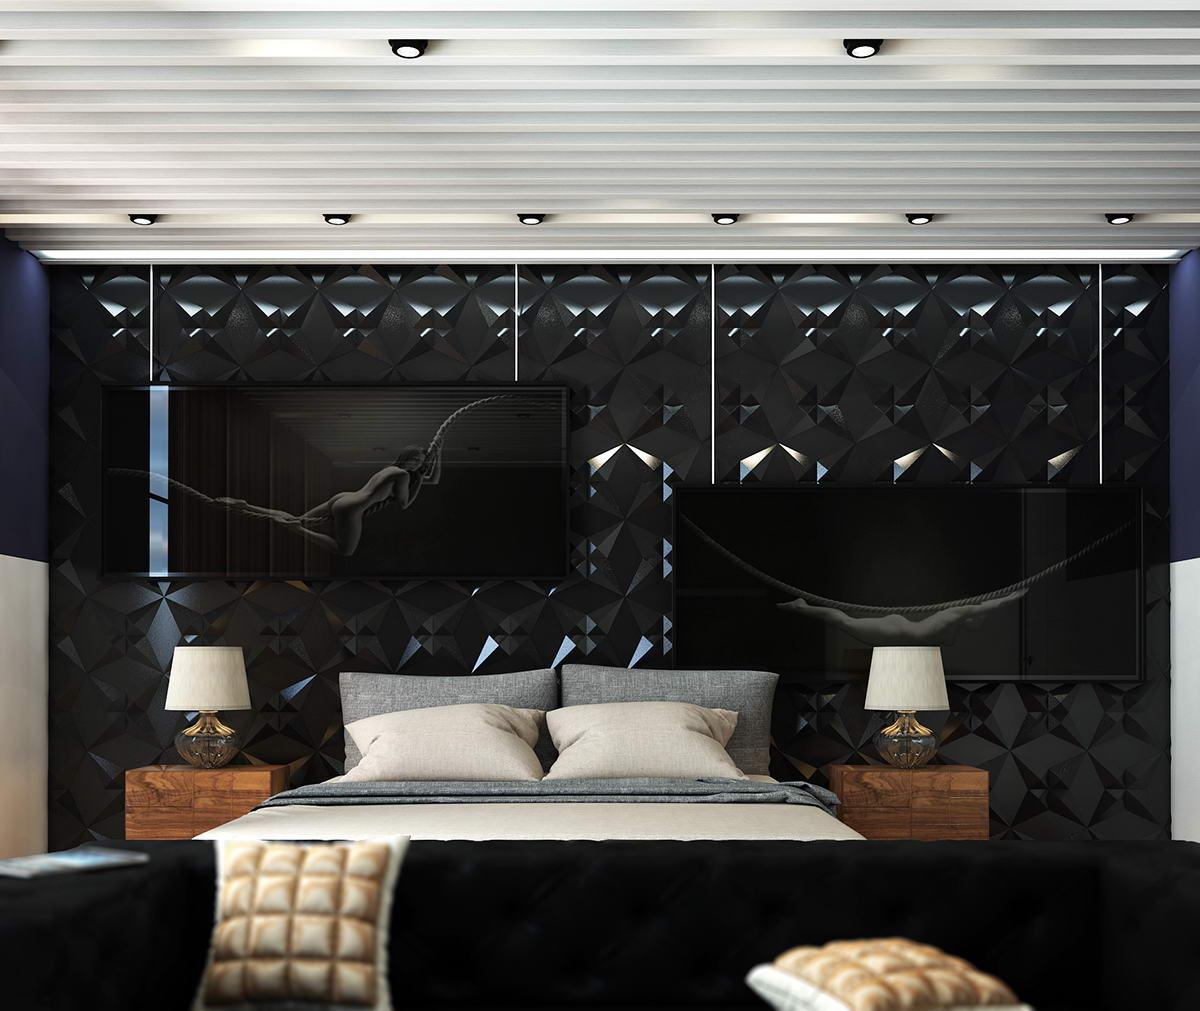 hálószoba inspiráció fekete modern hálószoba inspiráció és ötlet ... 2e46e0529d